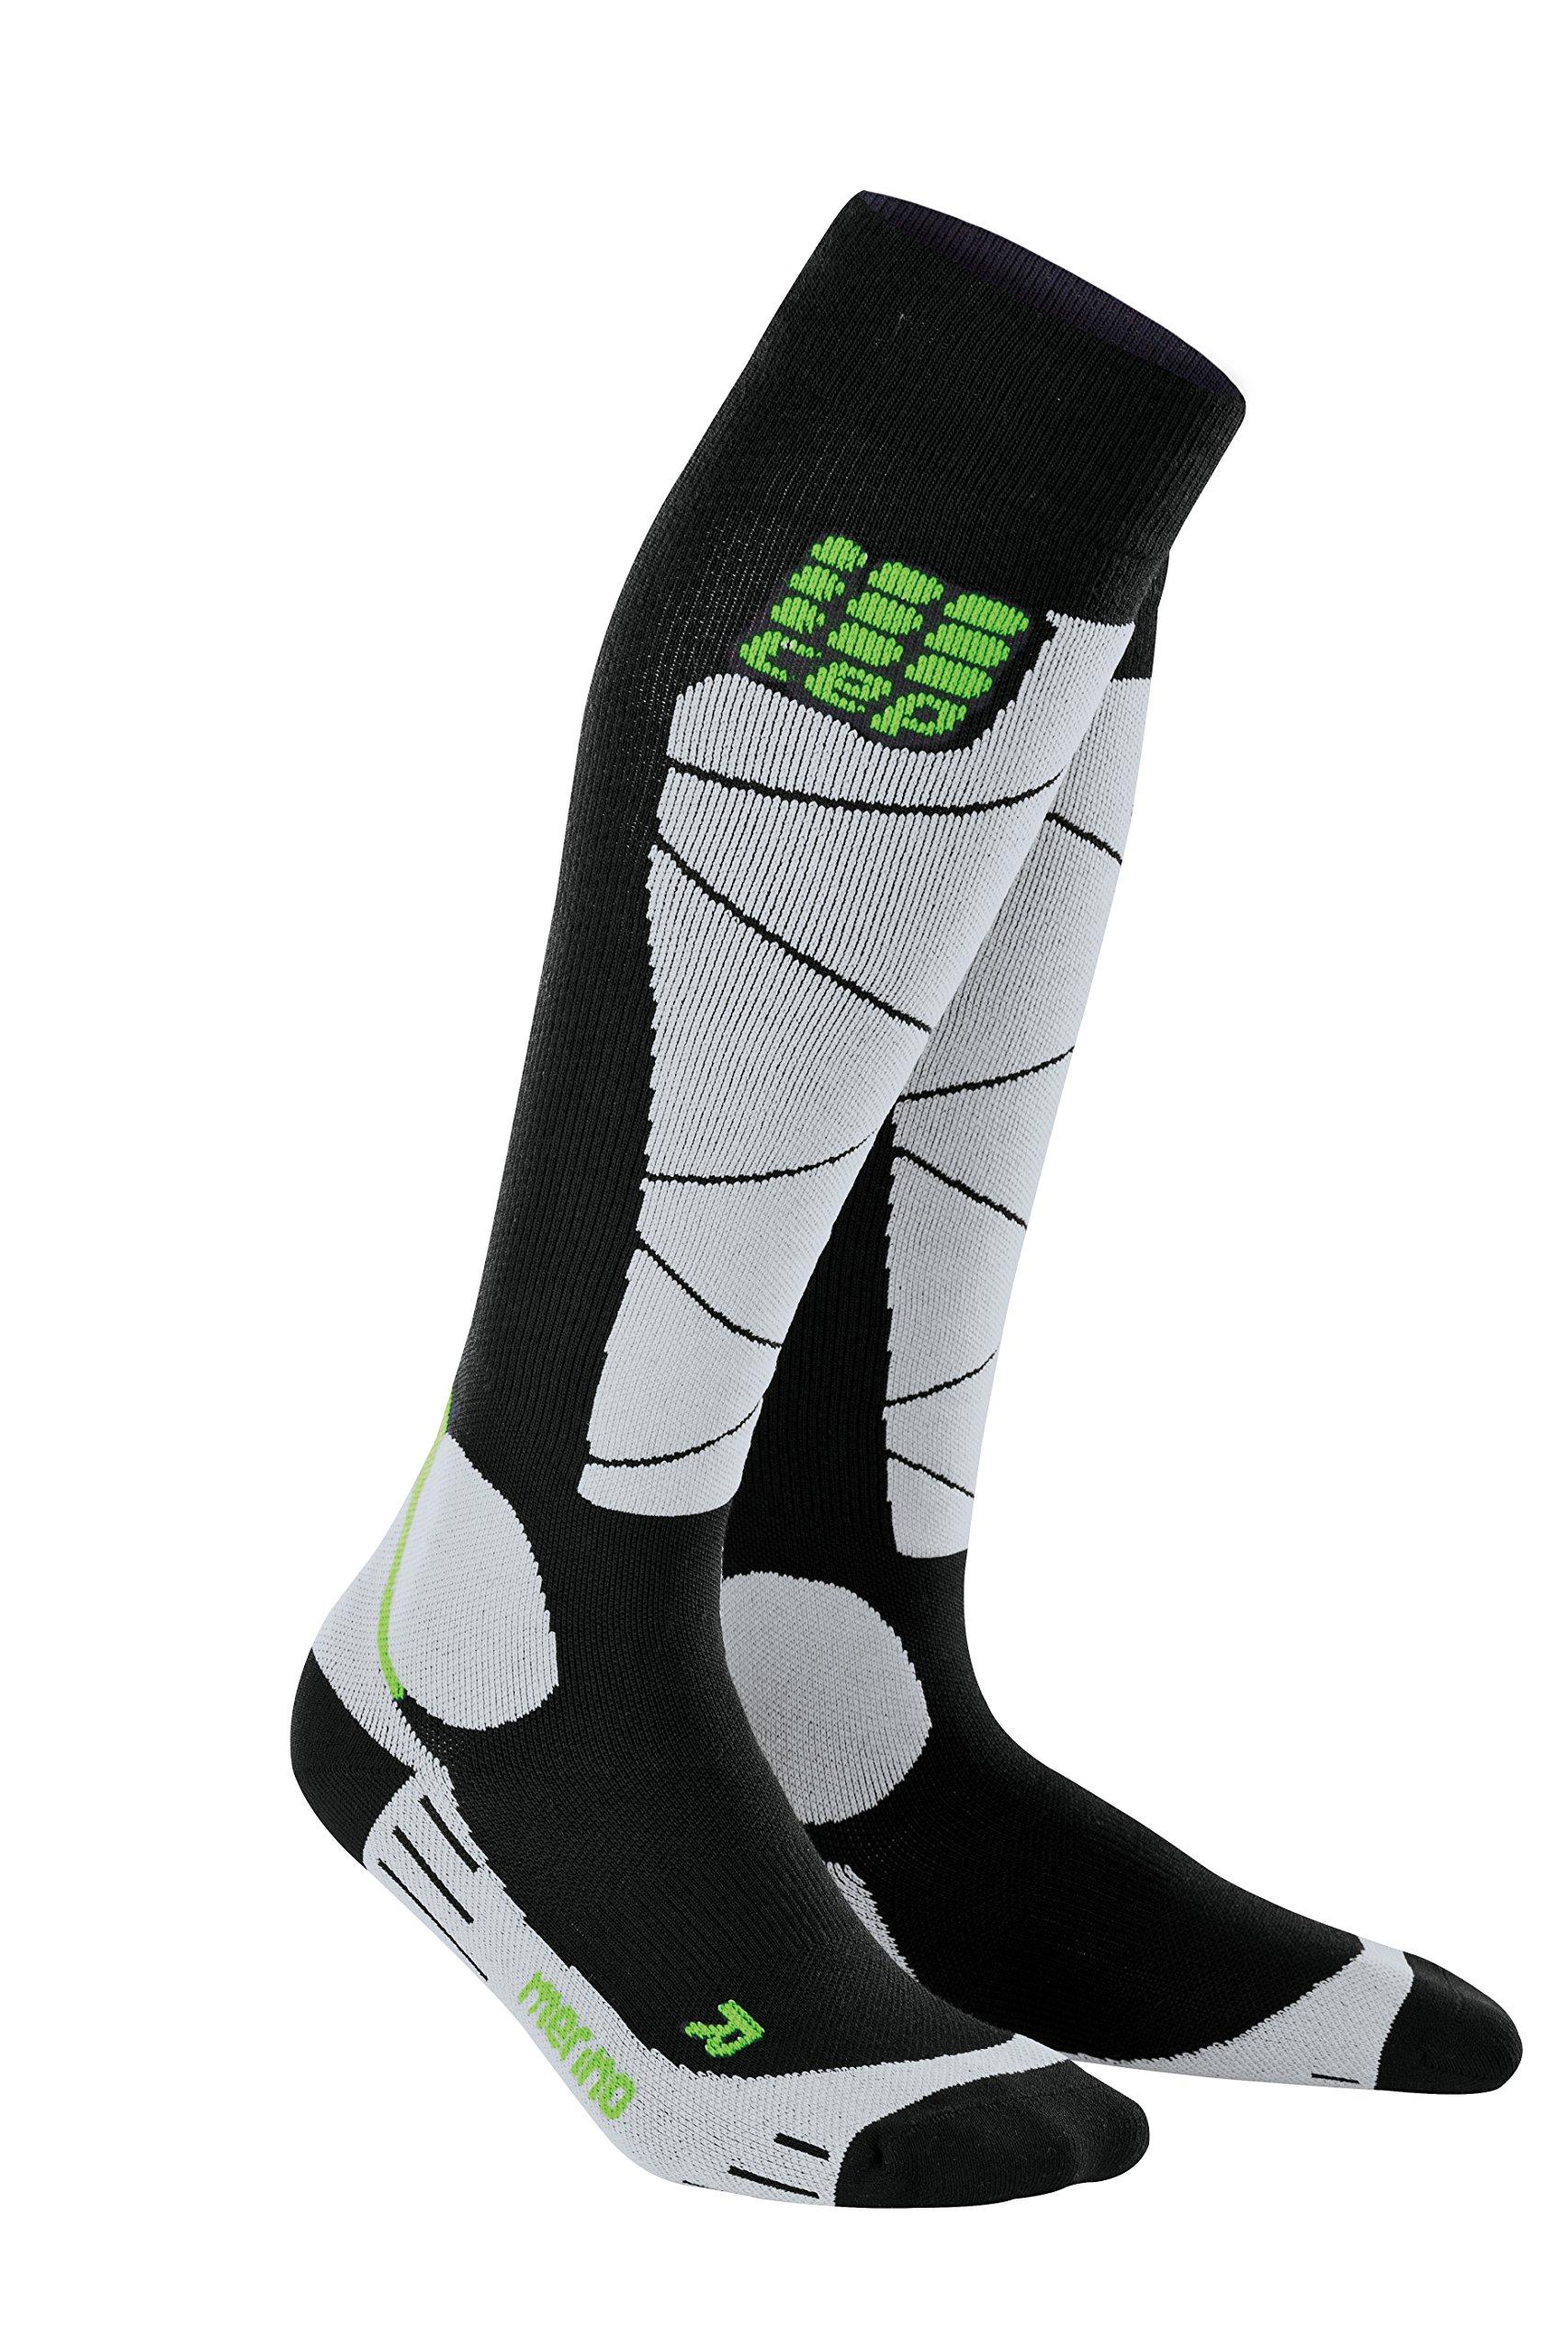 CEP Men's Winter Ski Compression Socks Ski Merino (Black/Grey) 3 by CEP